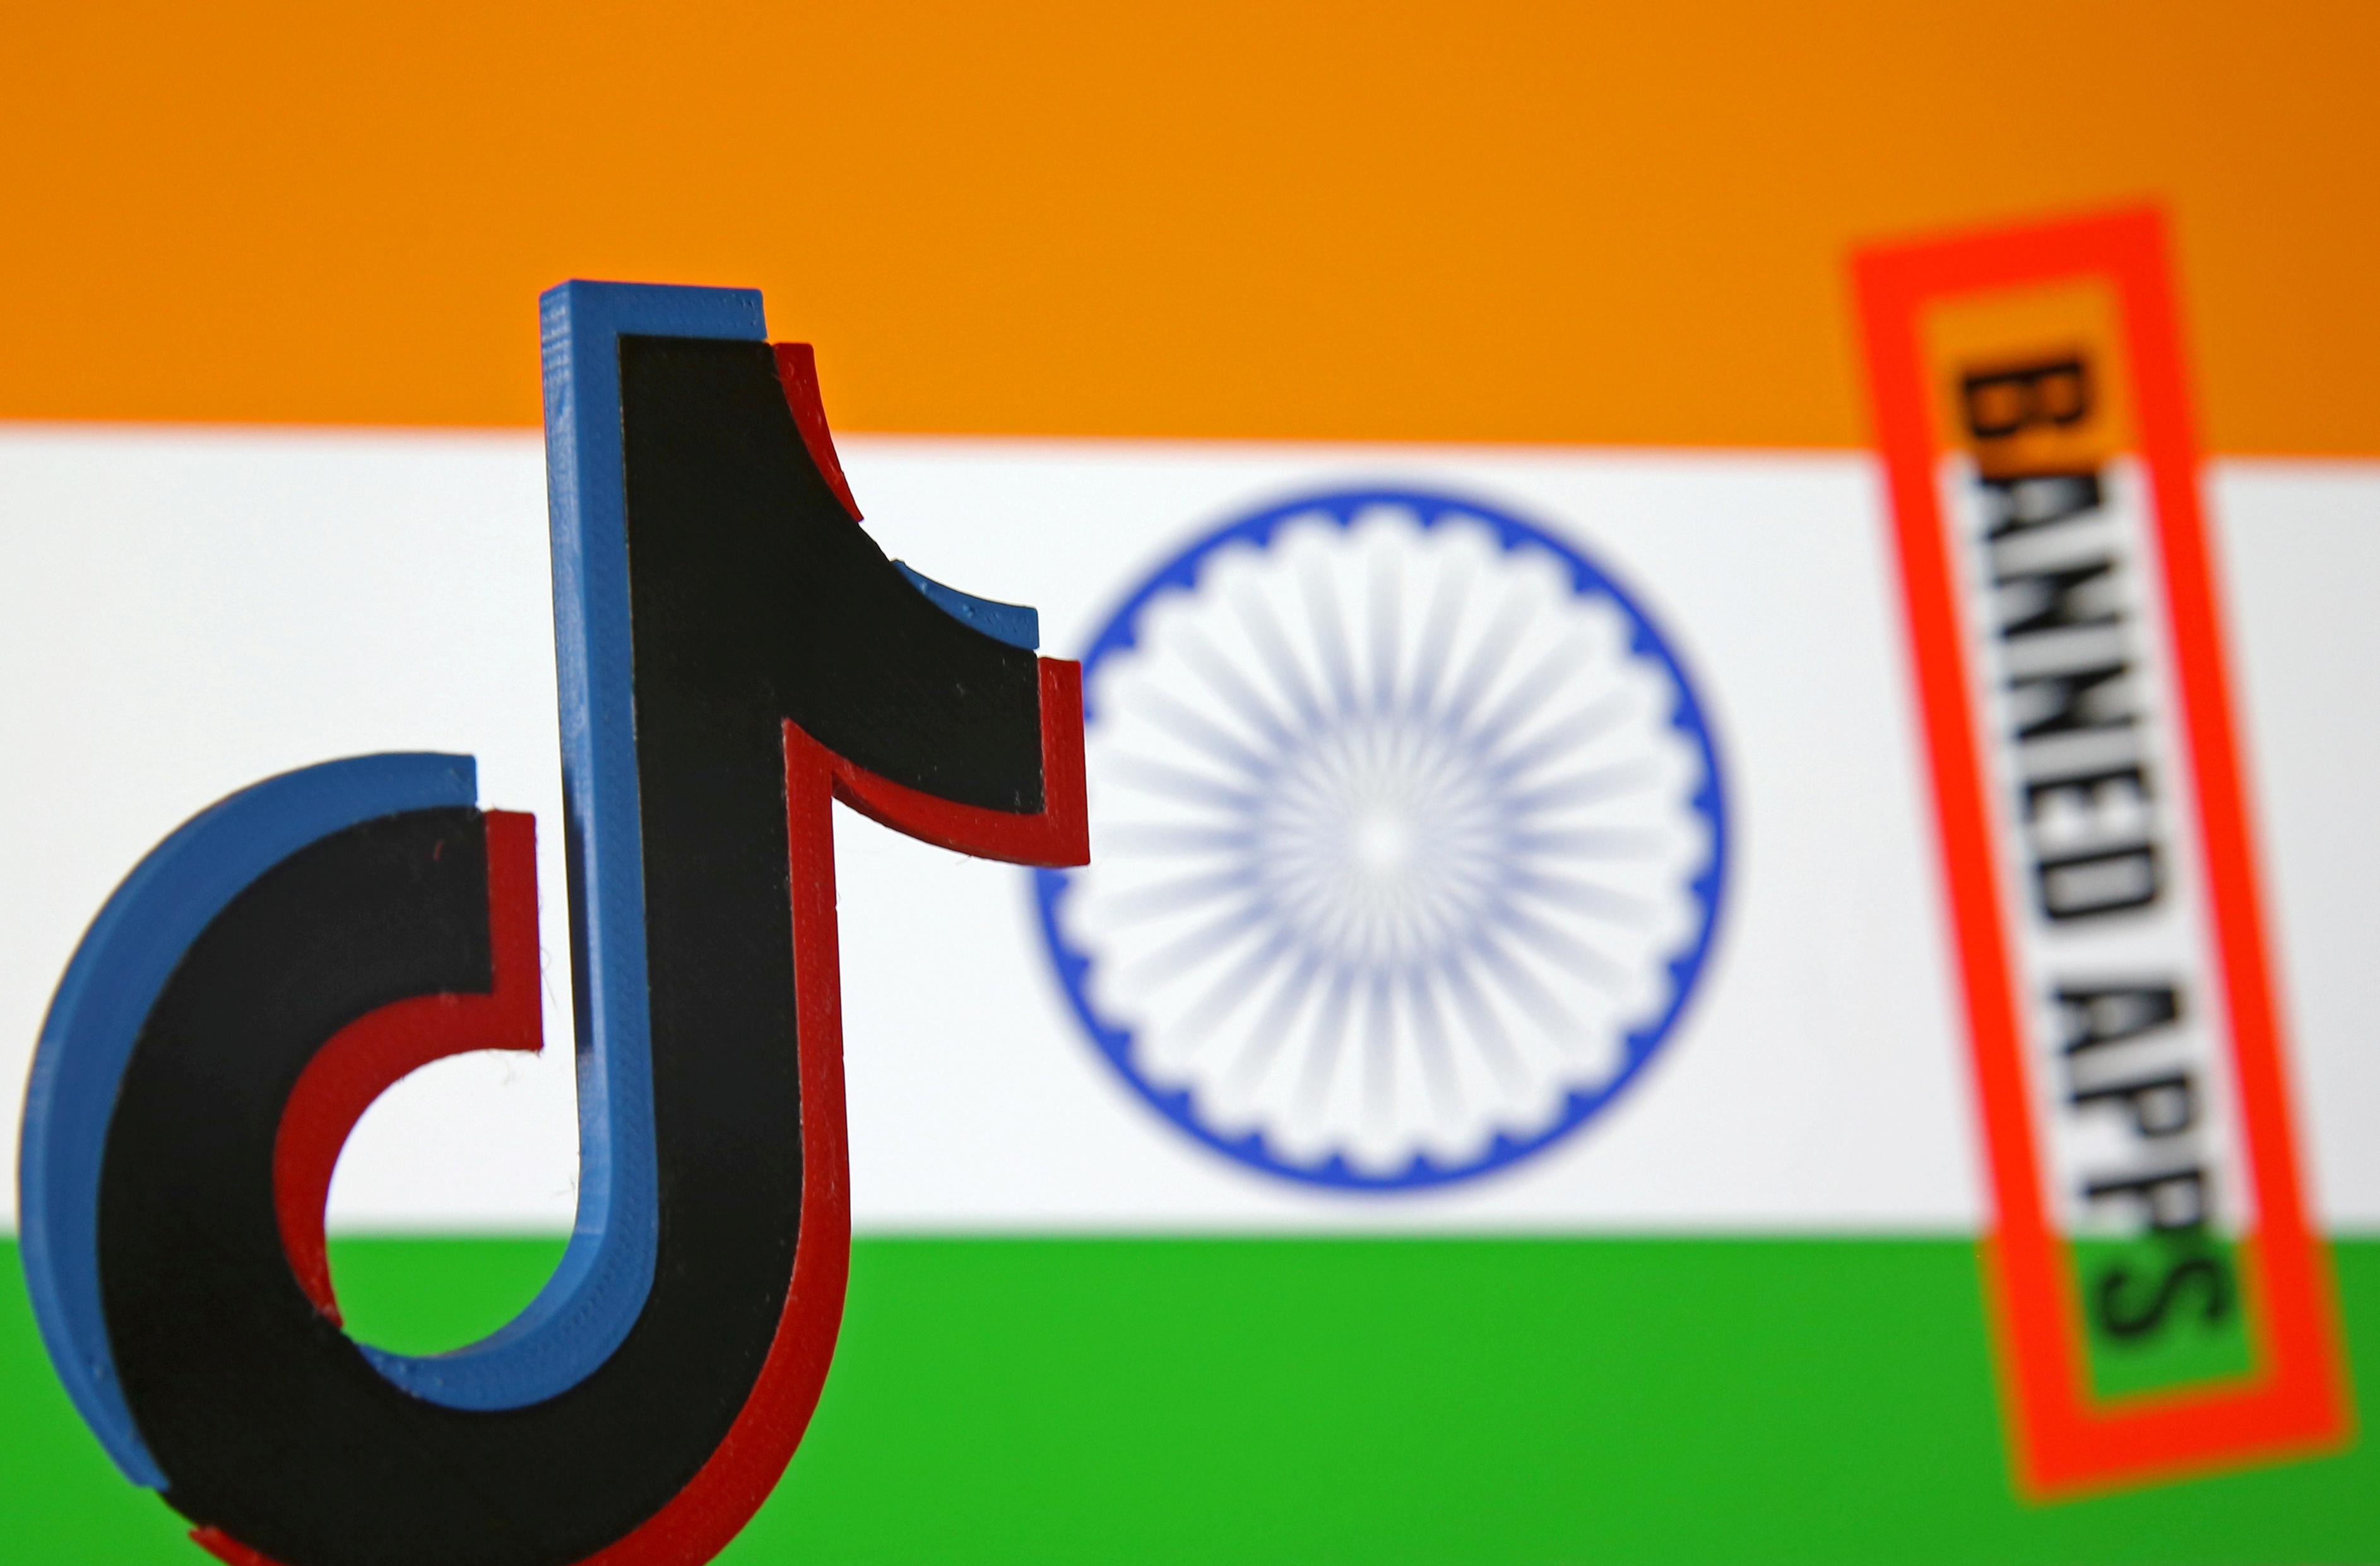 中印关系因边境冲突恶化,印度政府宣布再进一步禁用118款中国App。至此,印度政府已禁用224款中国APP。-路透社-